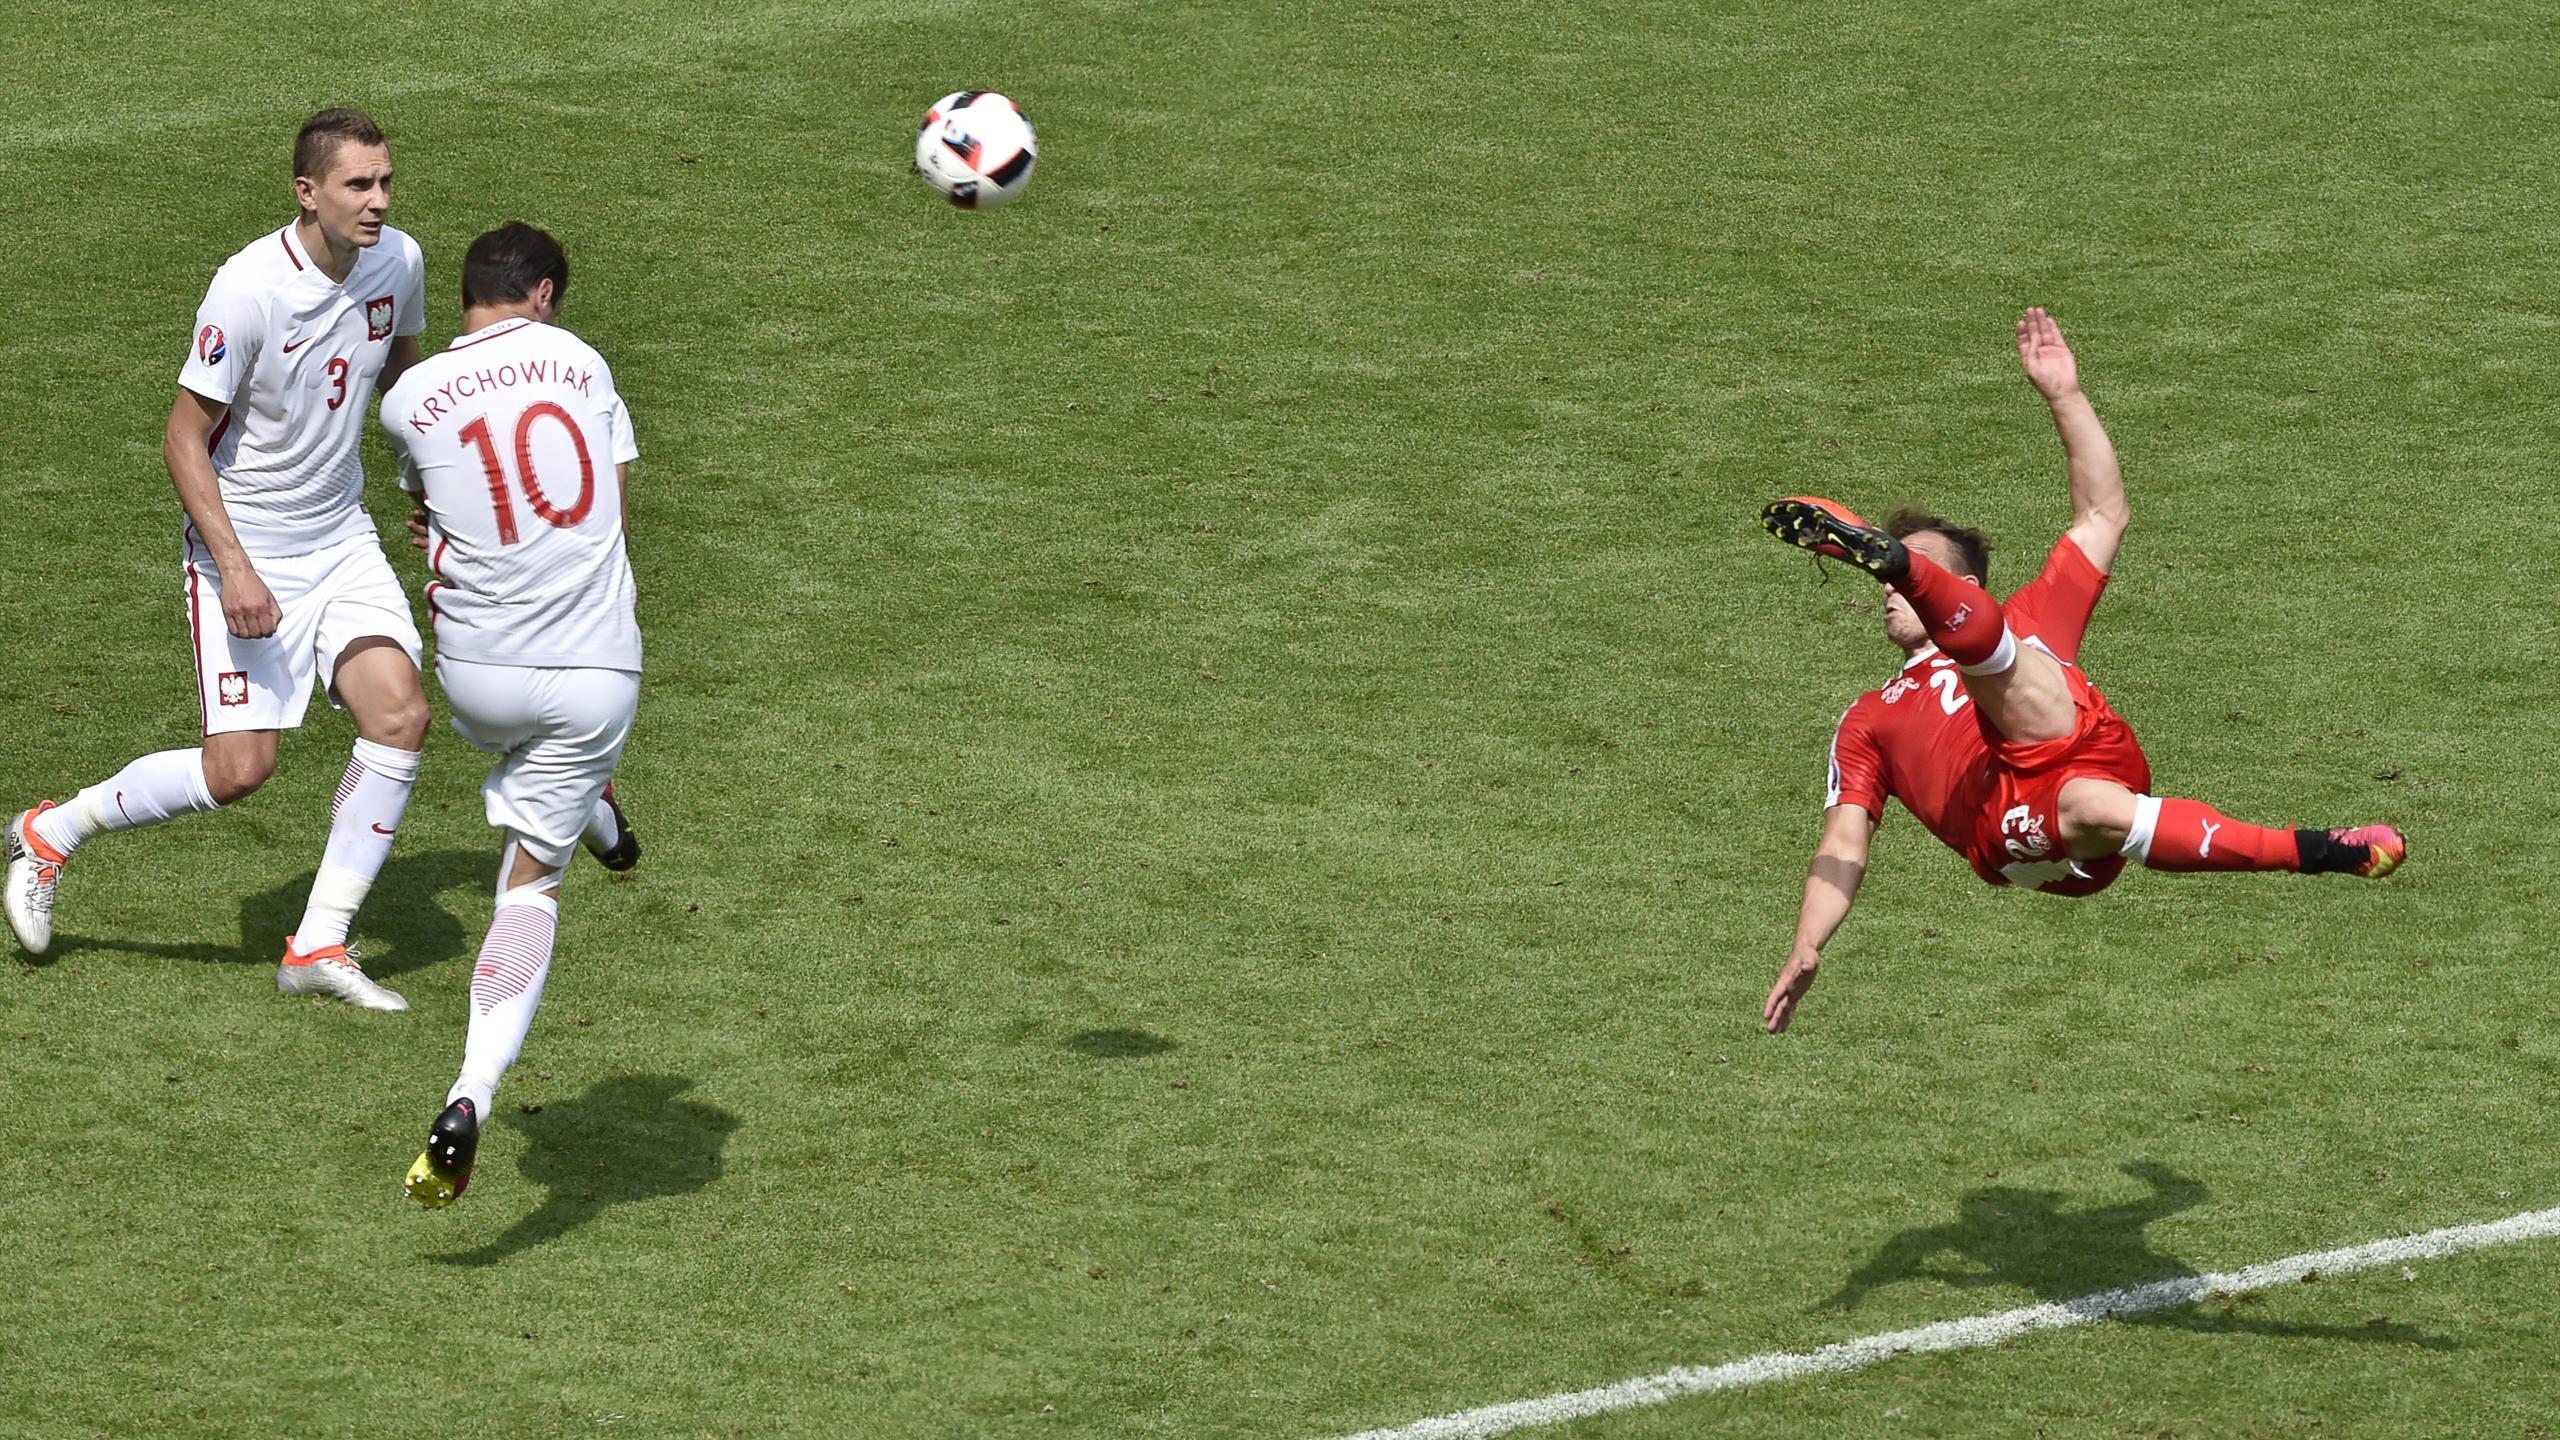 Xherdan Shaqiri - Poland v Switzerland - Euro 2016